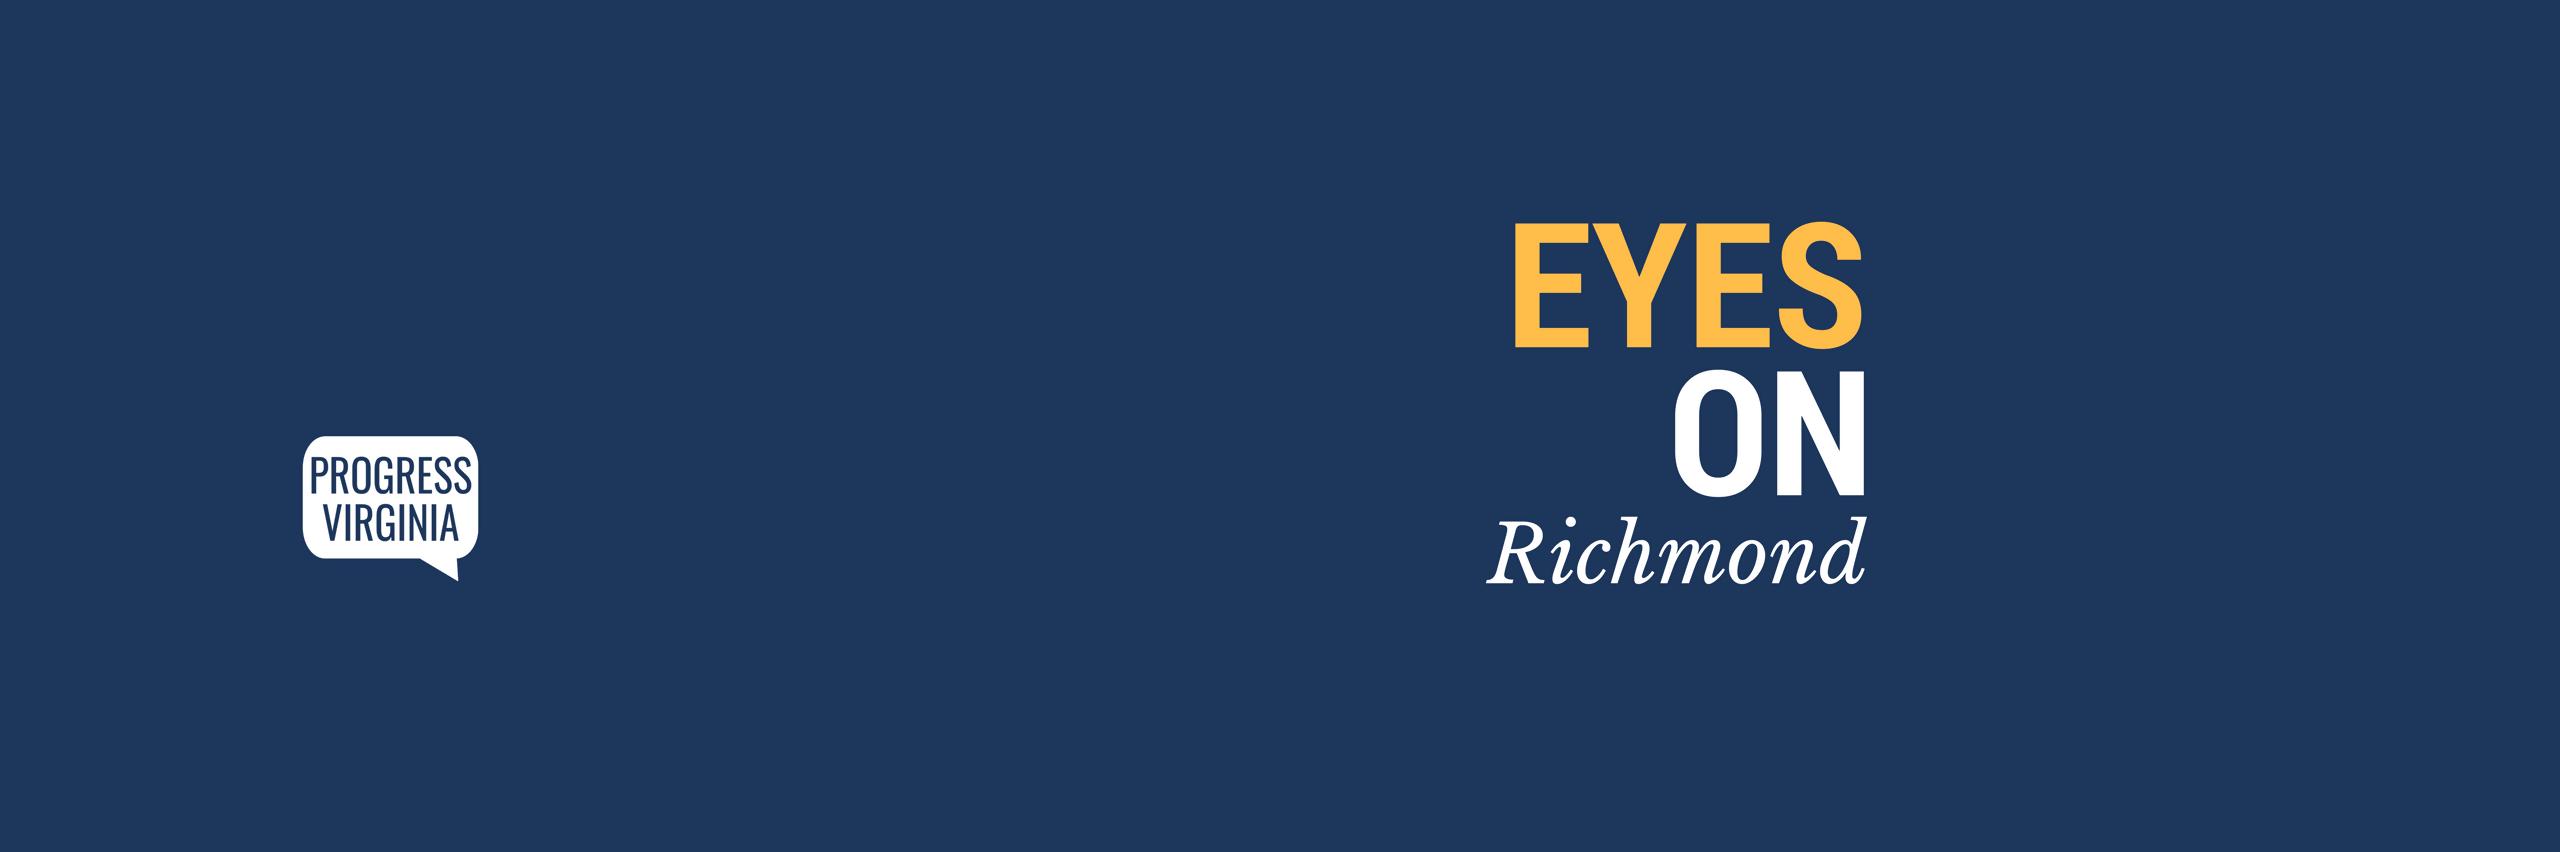 Progress Virginia Eyes on Richmond 2